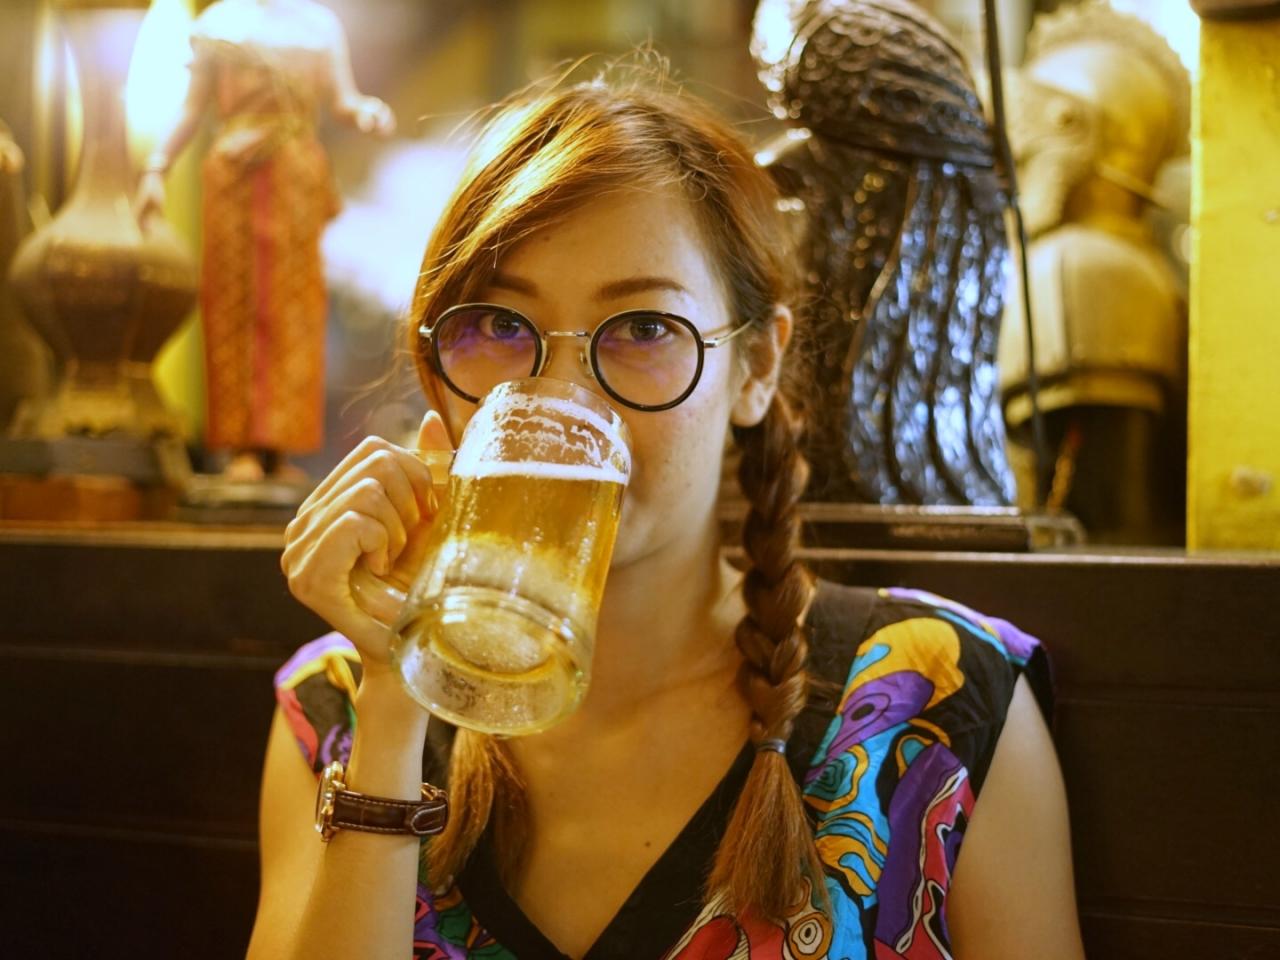 Chicas tomando cerveza - 1280x960